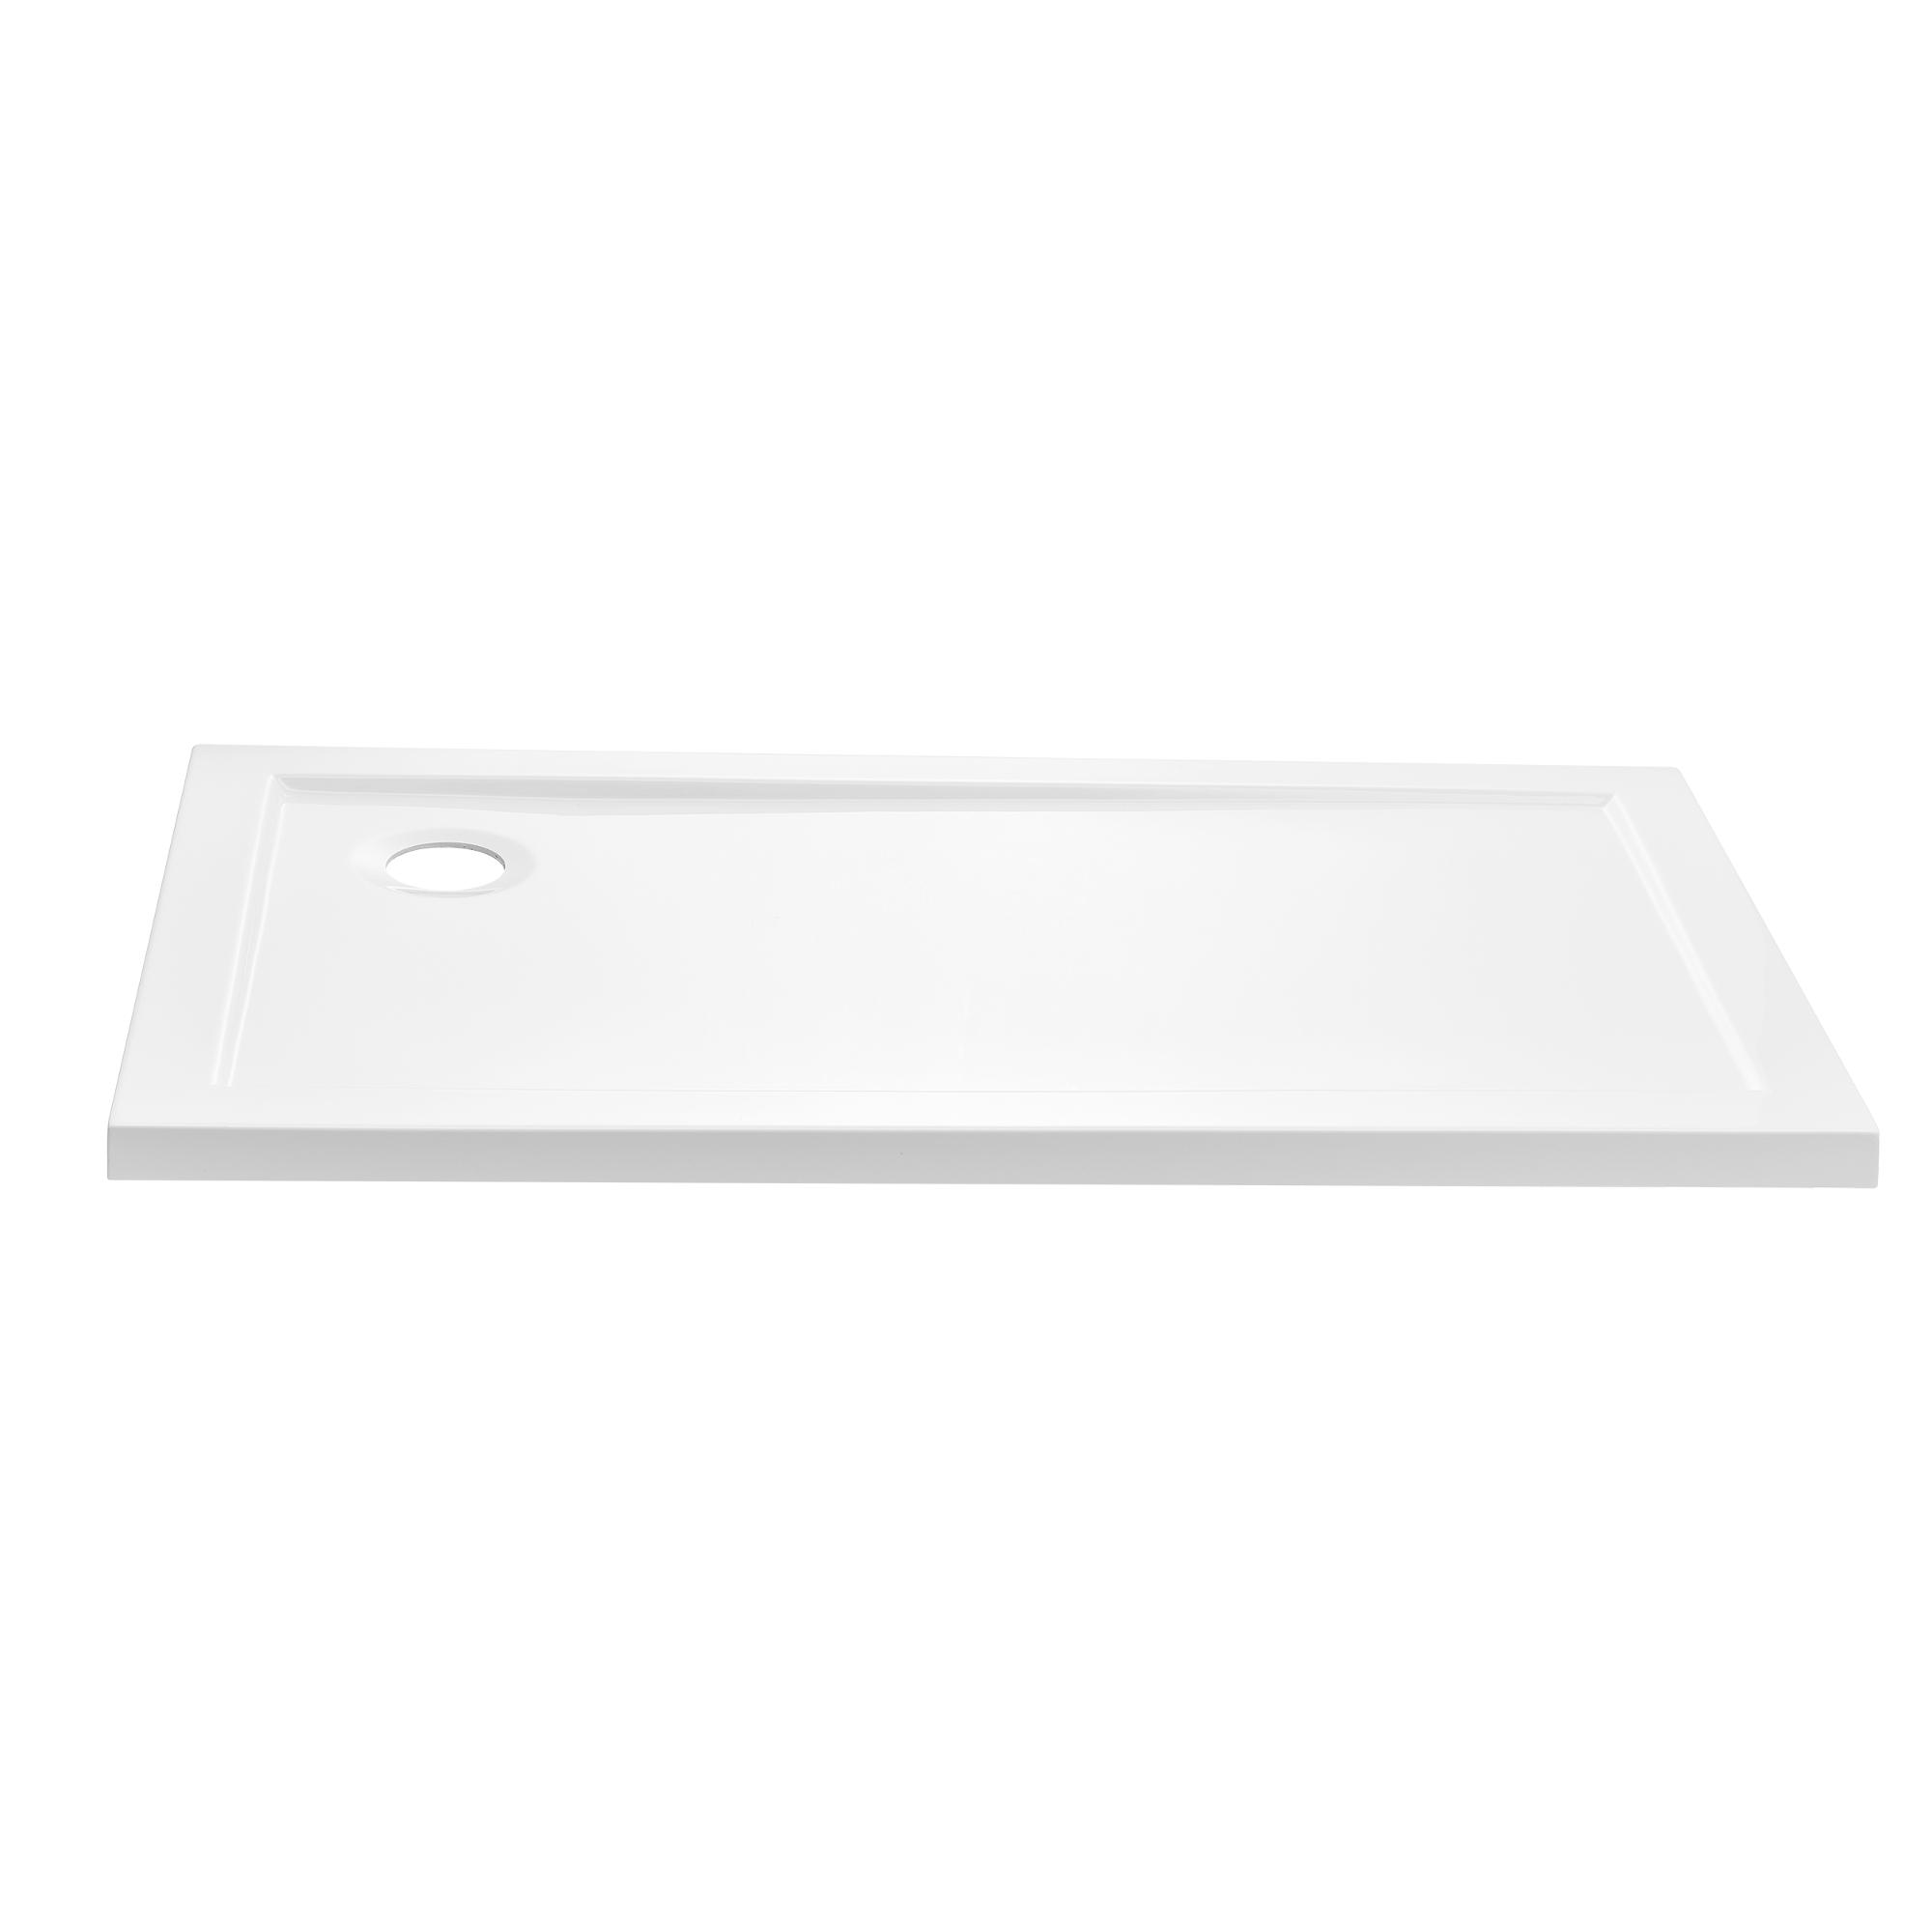 duschwanne 80x140 cm reinwei duschtasse rechteckig extra flach bad ebay. Black Bedroom Furniture Sets. Home Design Ideas